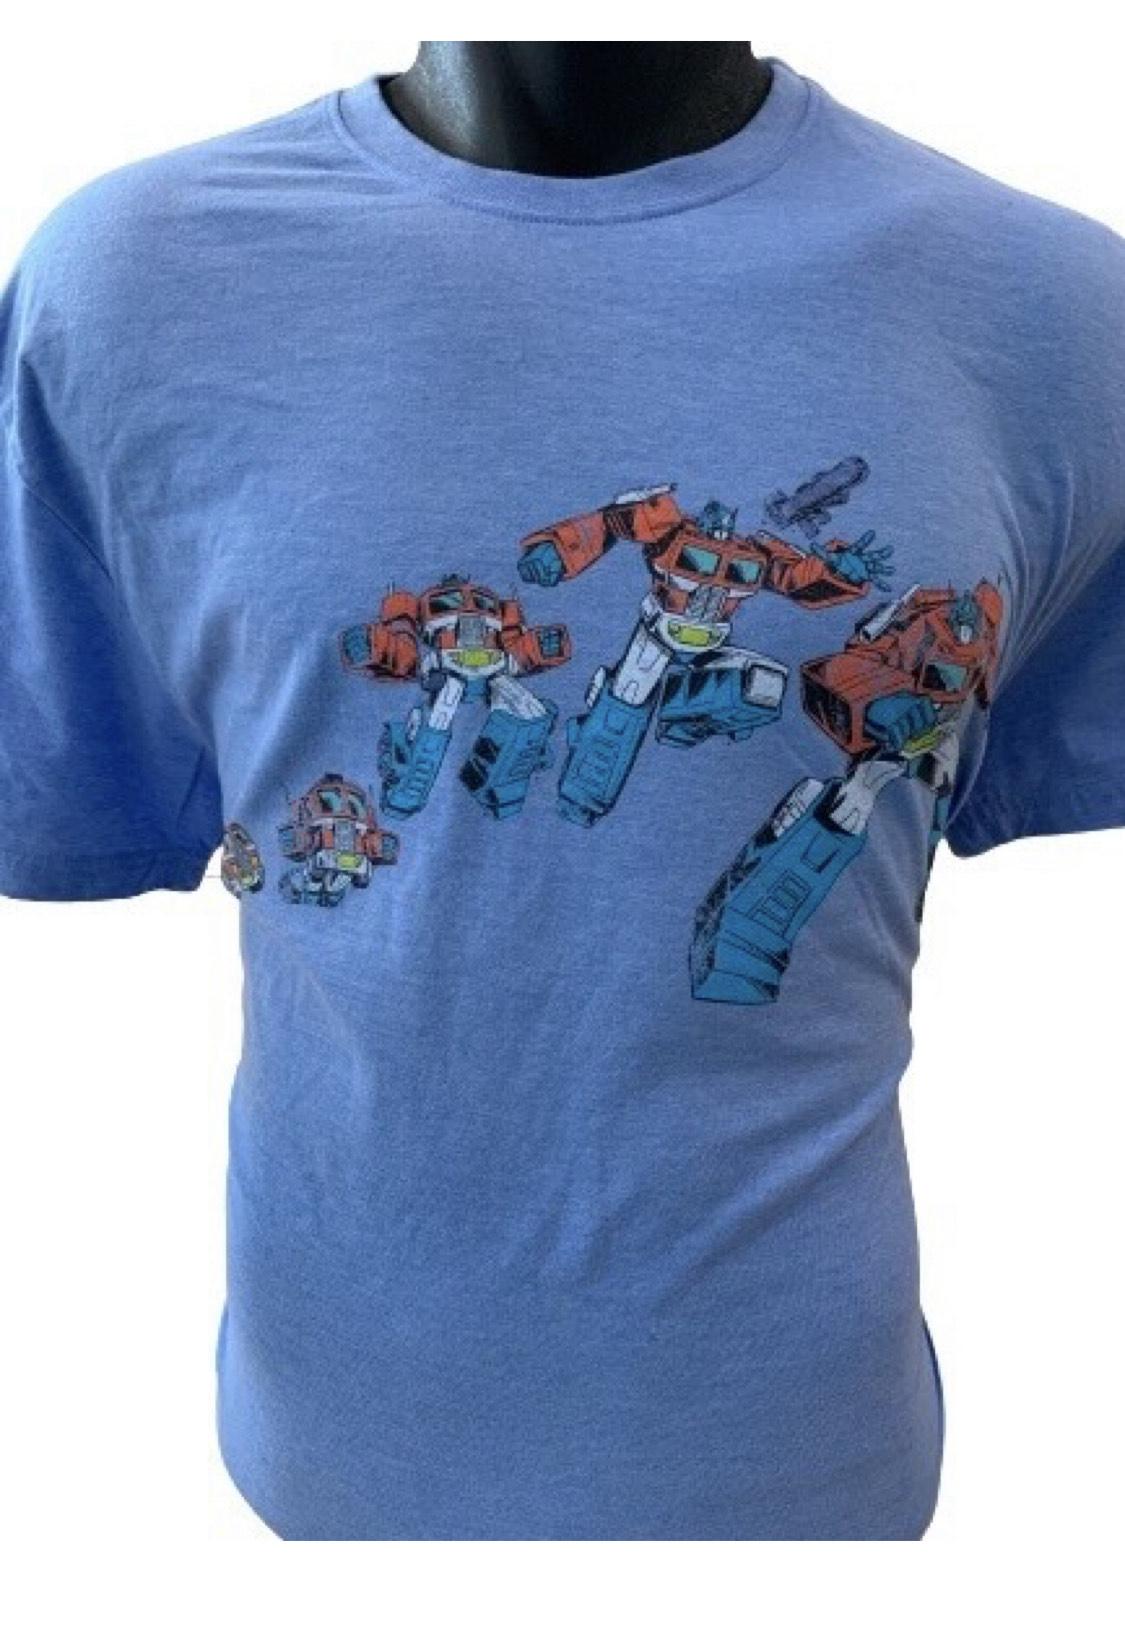 """Transformer Optimus Prime """"Alter-Ego"""" T-Shirt - £6.49 delivered @ Licensed Bargains"""